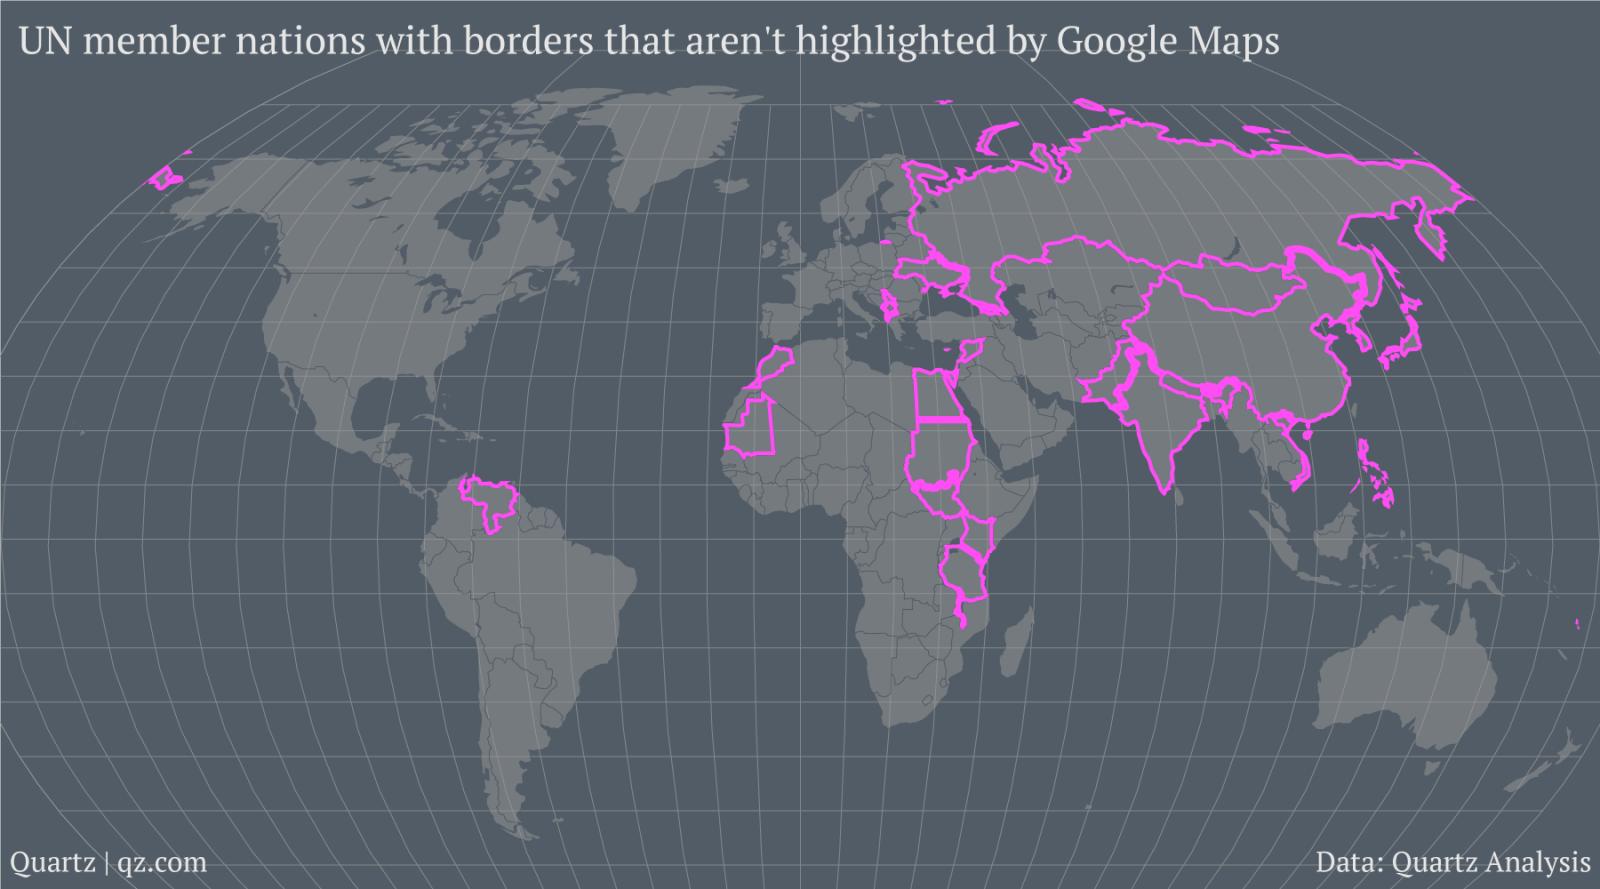 Les pays dont les frontières ne sont pas dessinées dans le monde entier comme des frontières définitives par Google.  (Crédit Quartz) cliquez pour agrandir